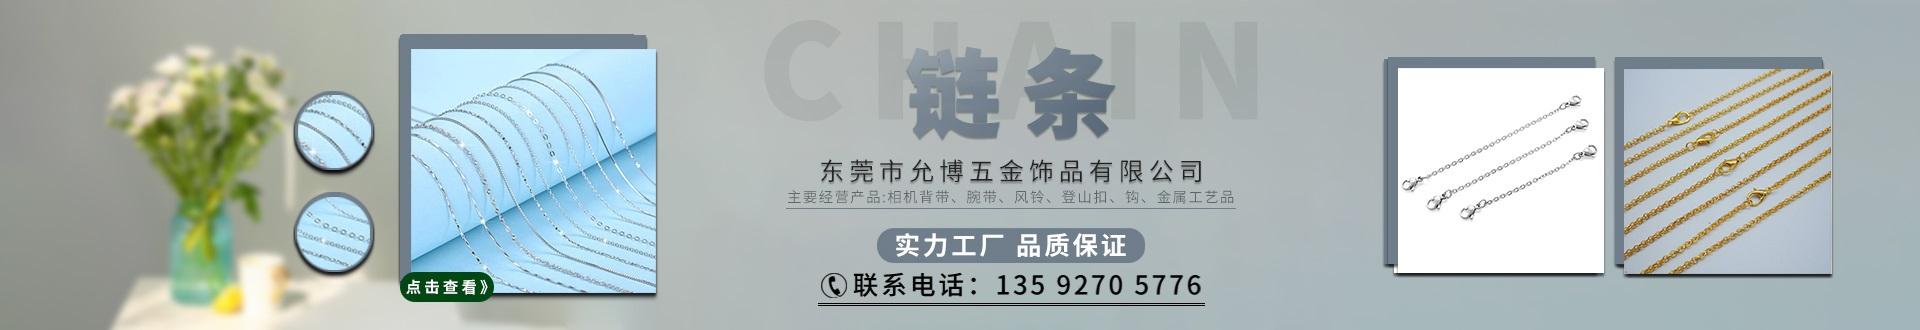 东莞市允博五金饰品有限公司